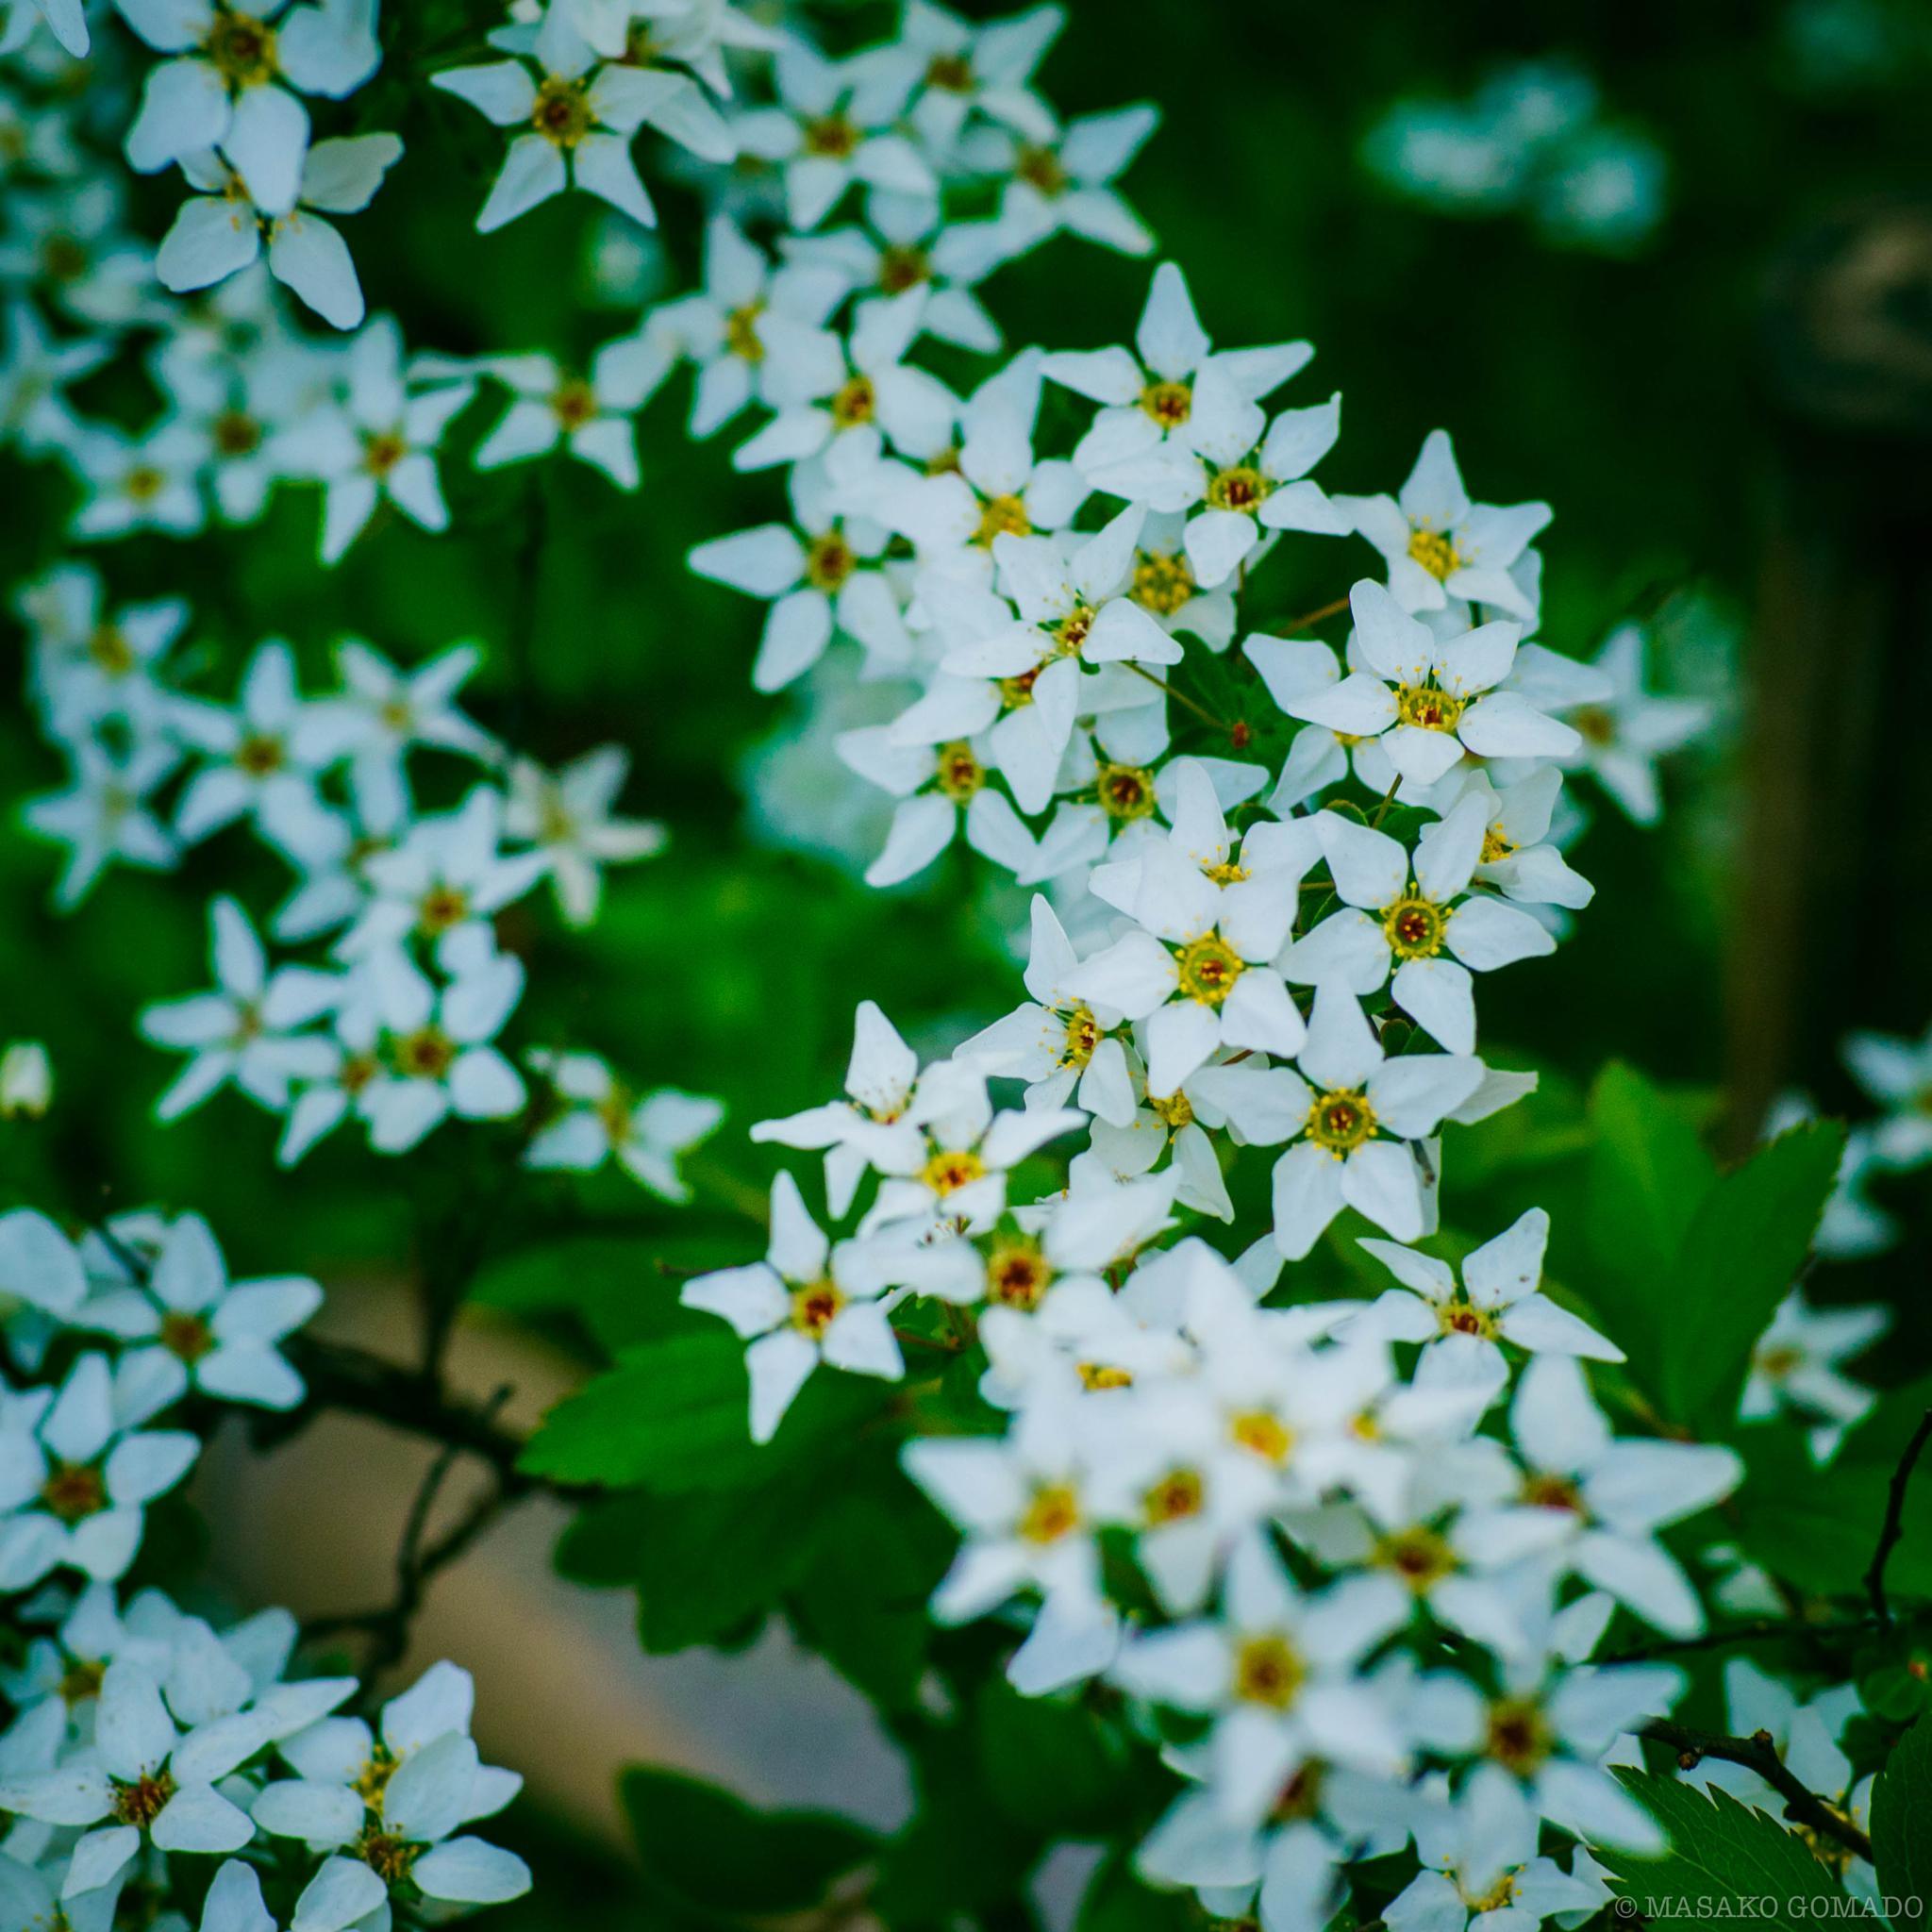 flower by Masako Gomado